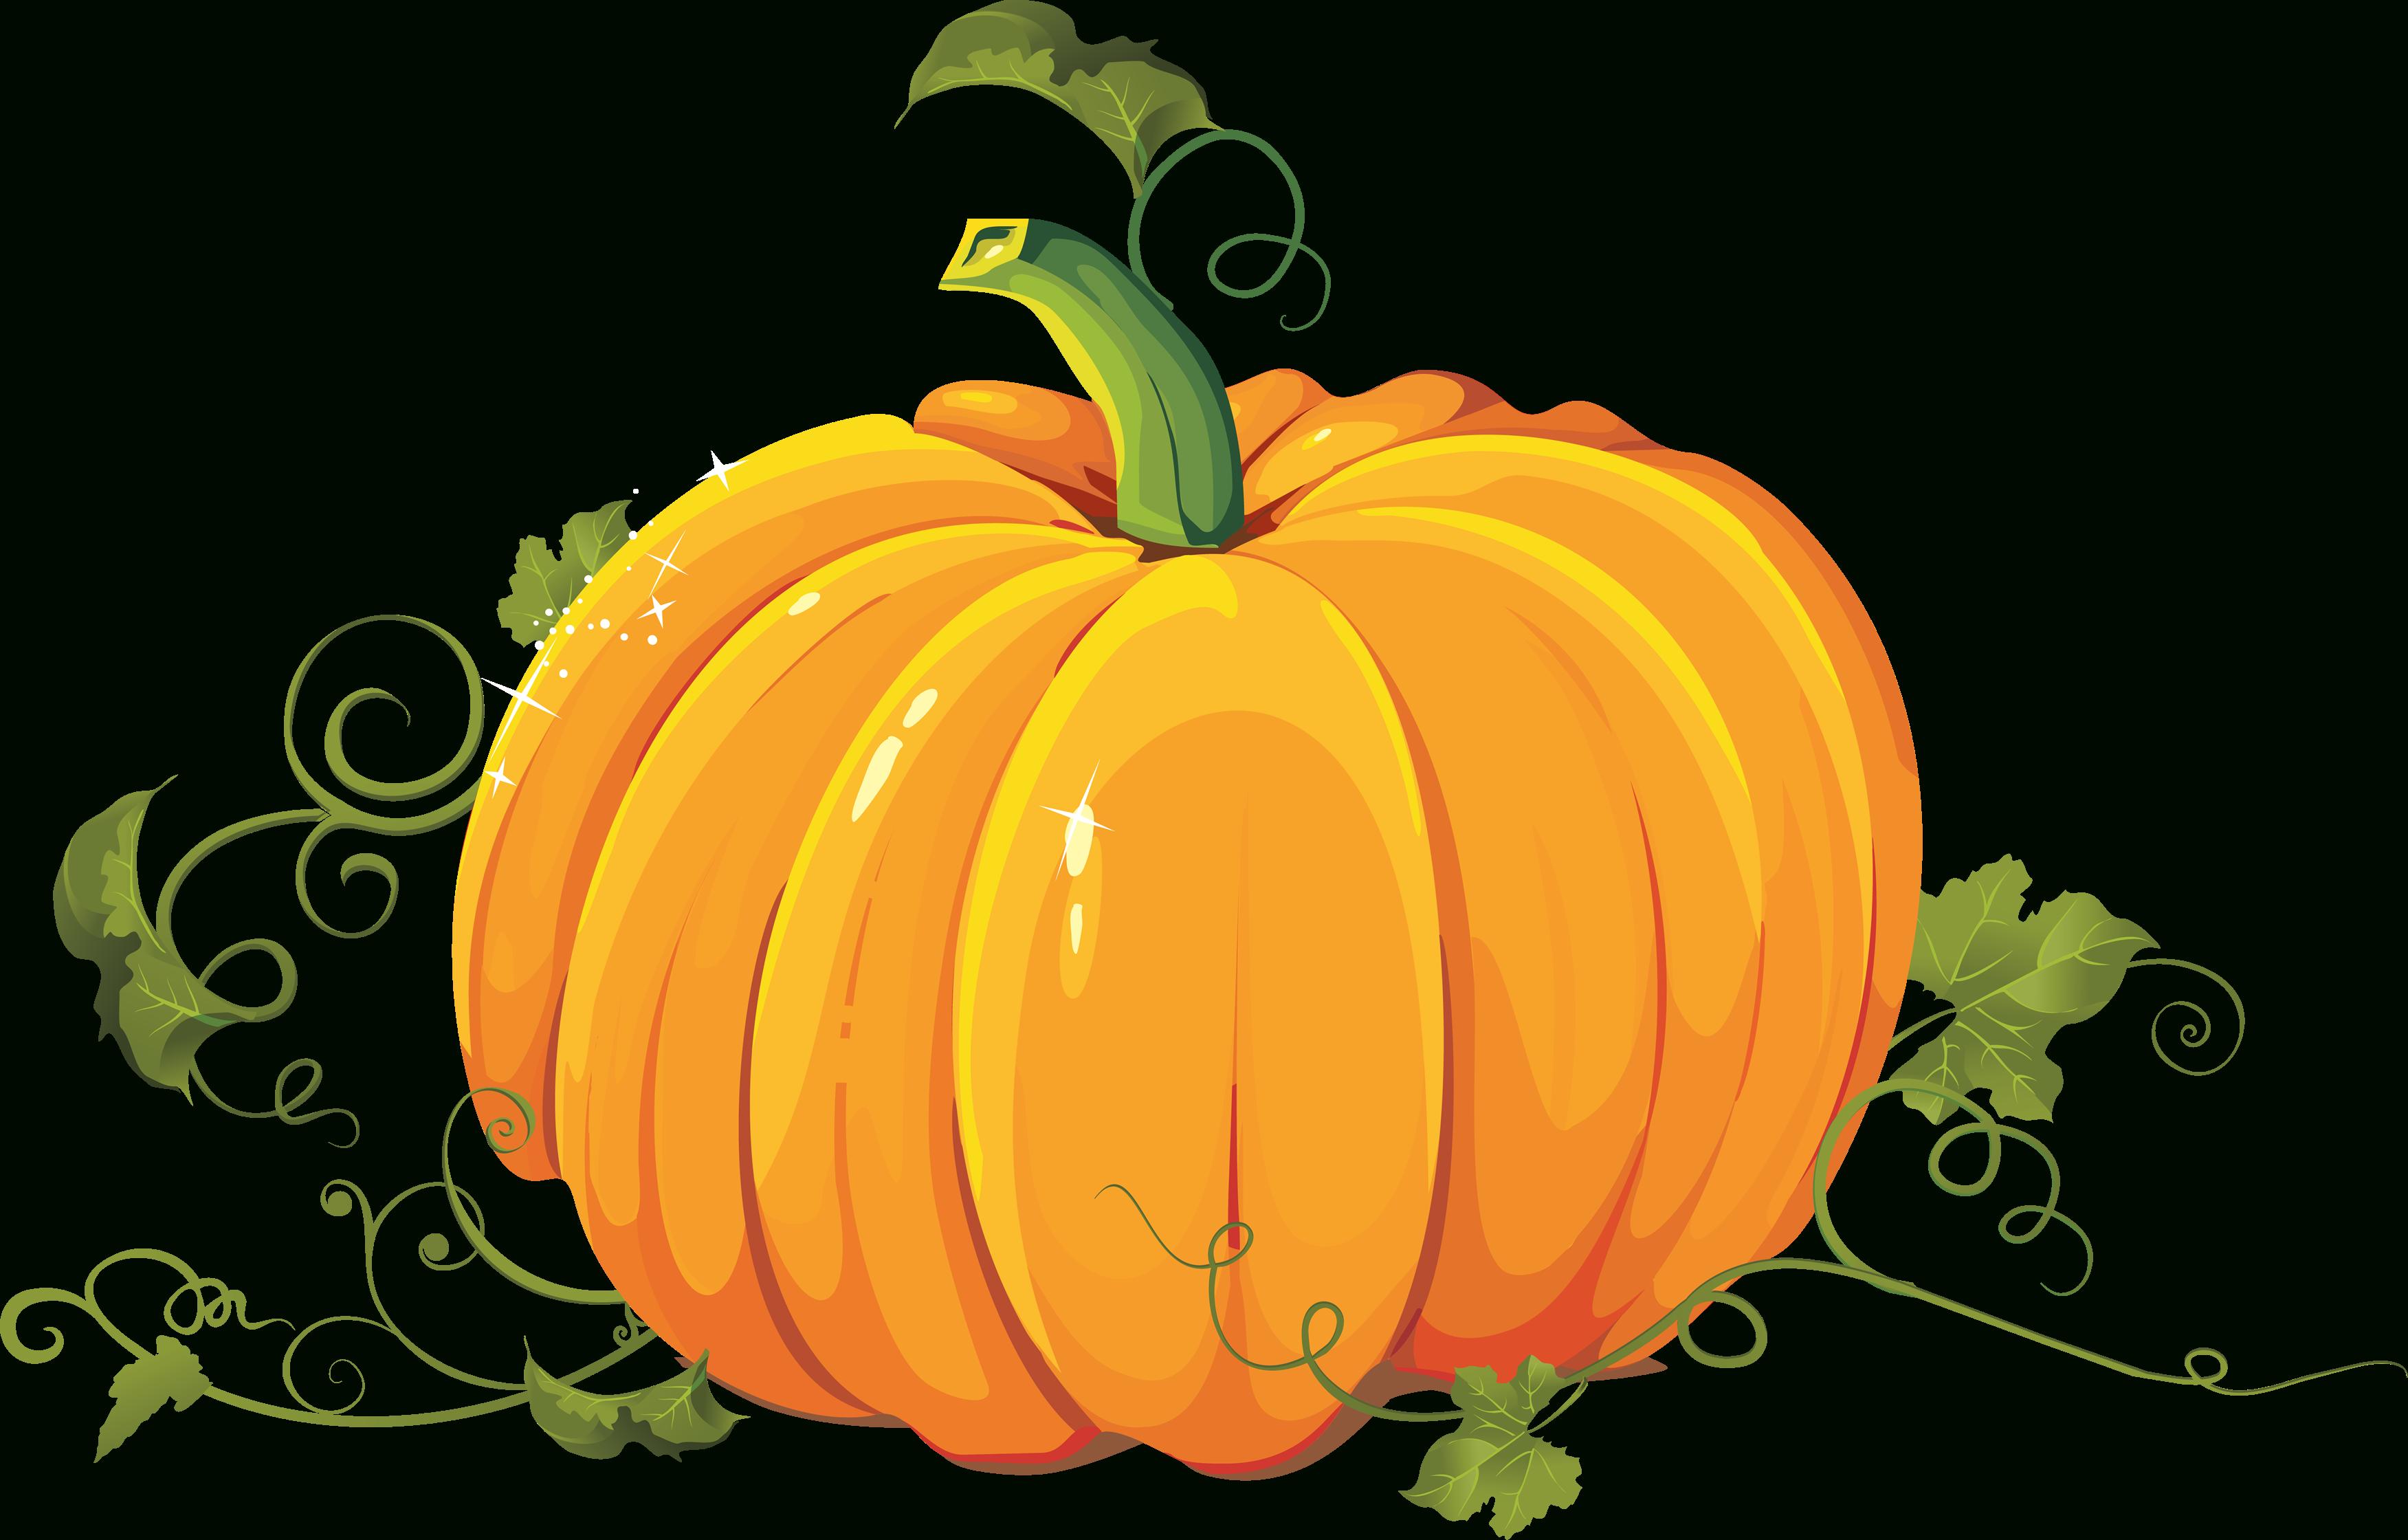 Pumpkin png images.